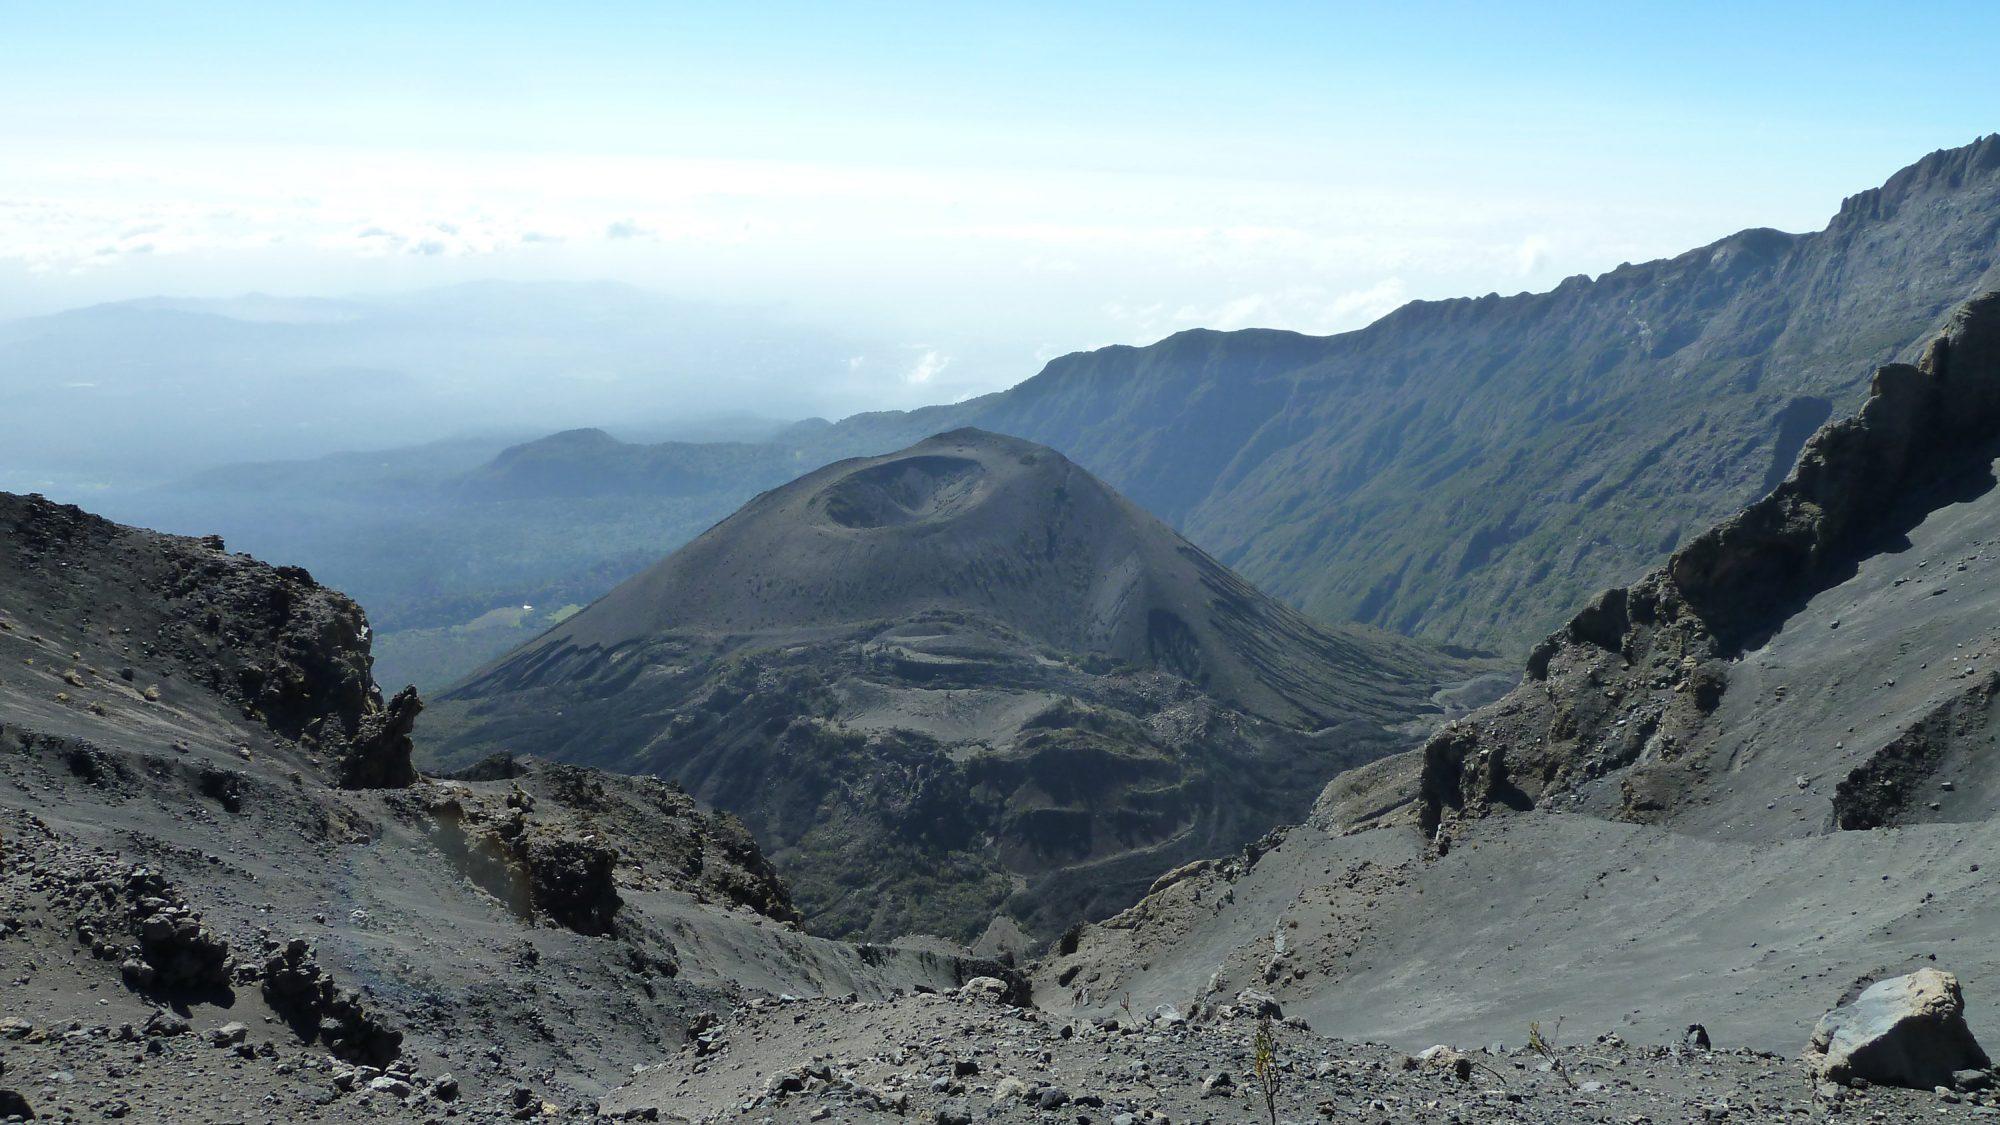 Krater am Mount Meru, Mount Meru Besteigung, Tour, Erfahrungsbericht, Afrika, Tansania, Bergtour